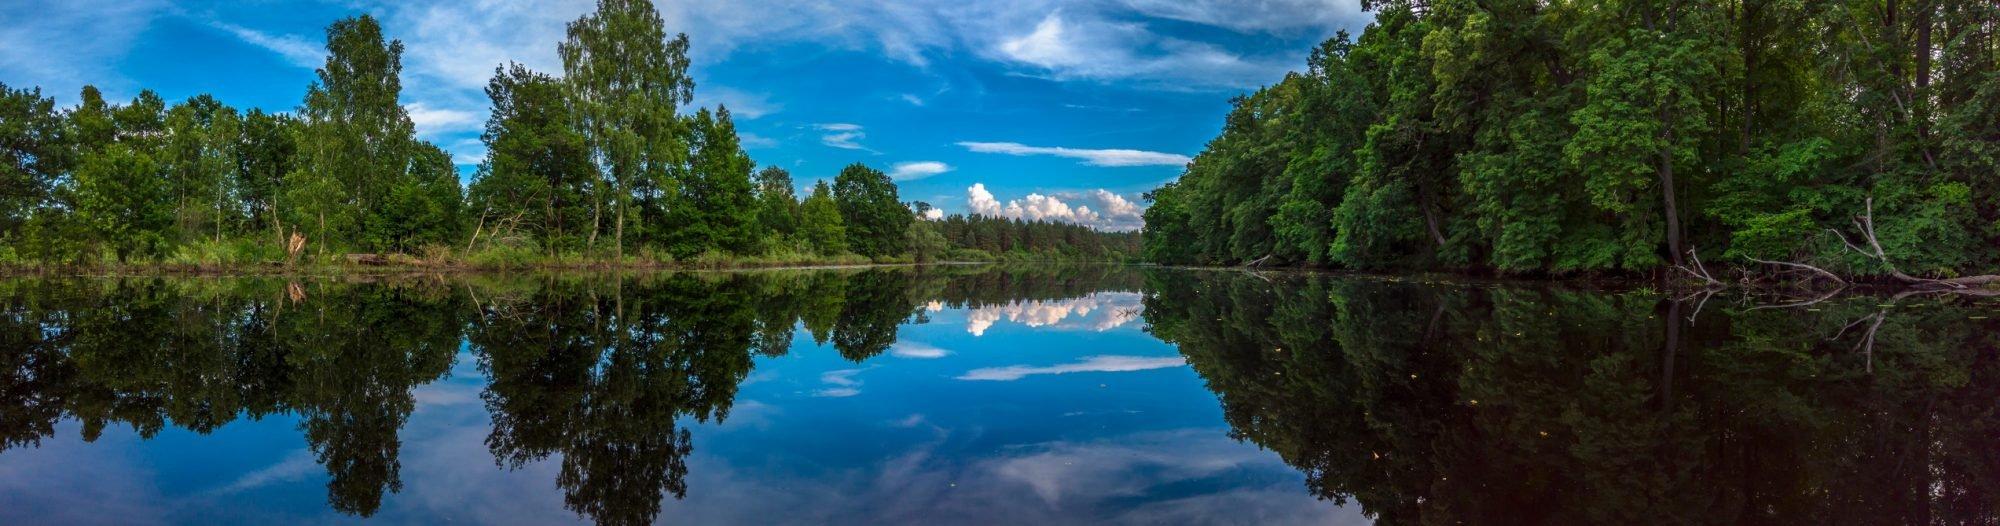 Озеро Боровень в июле